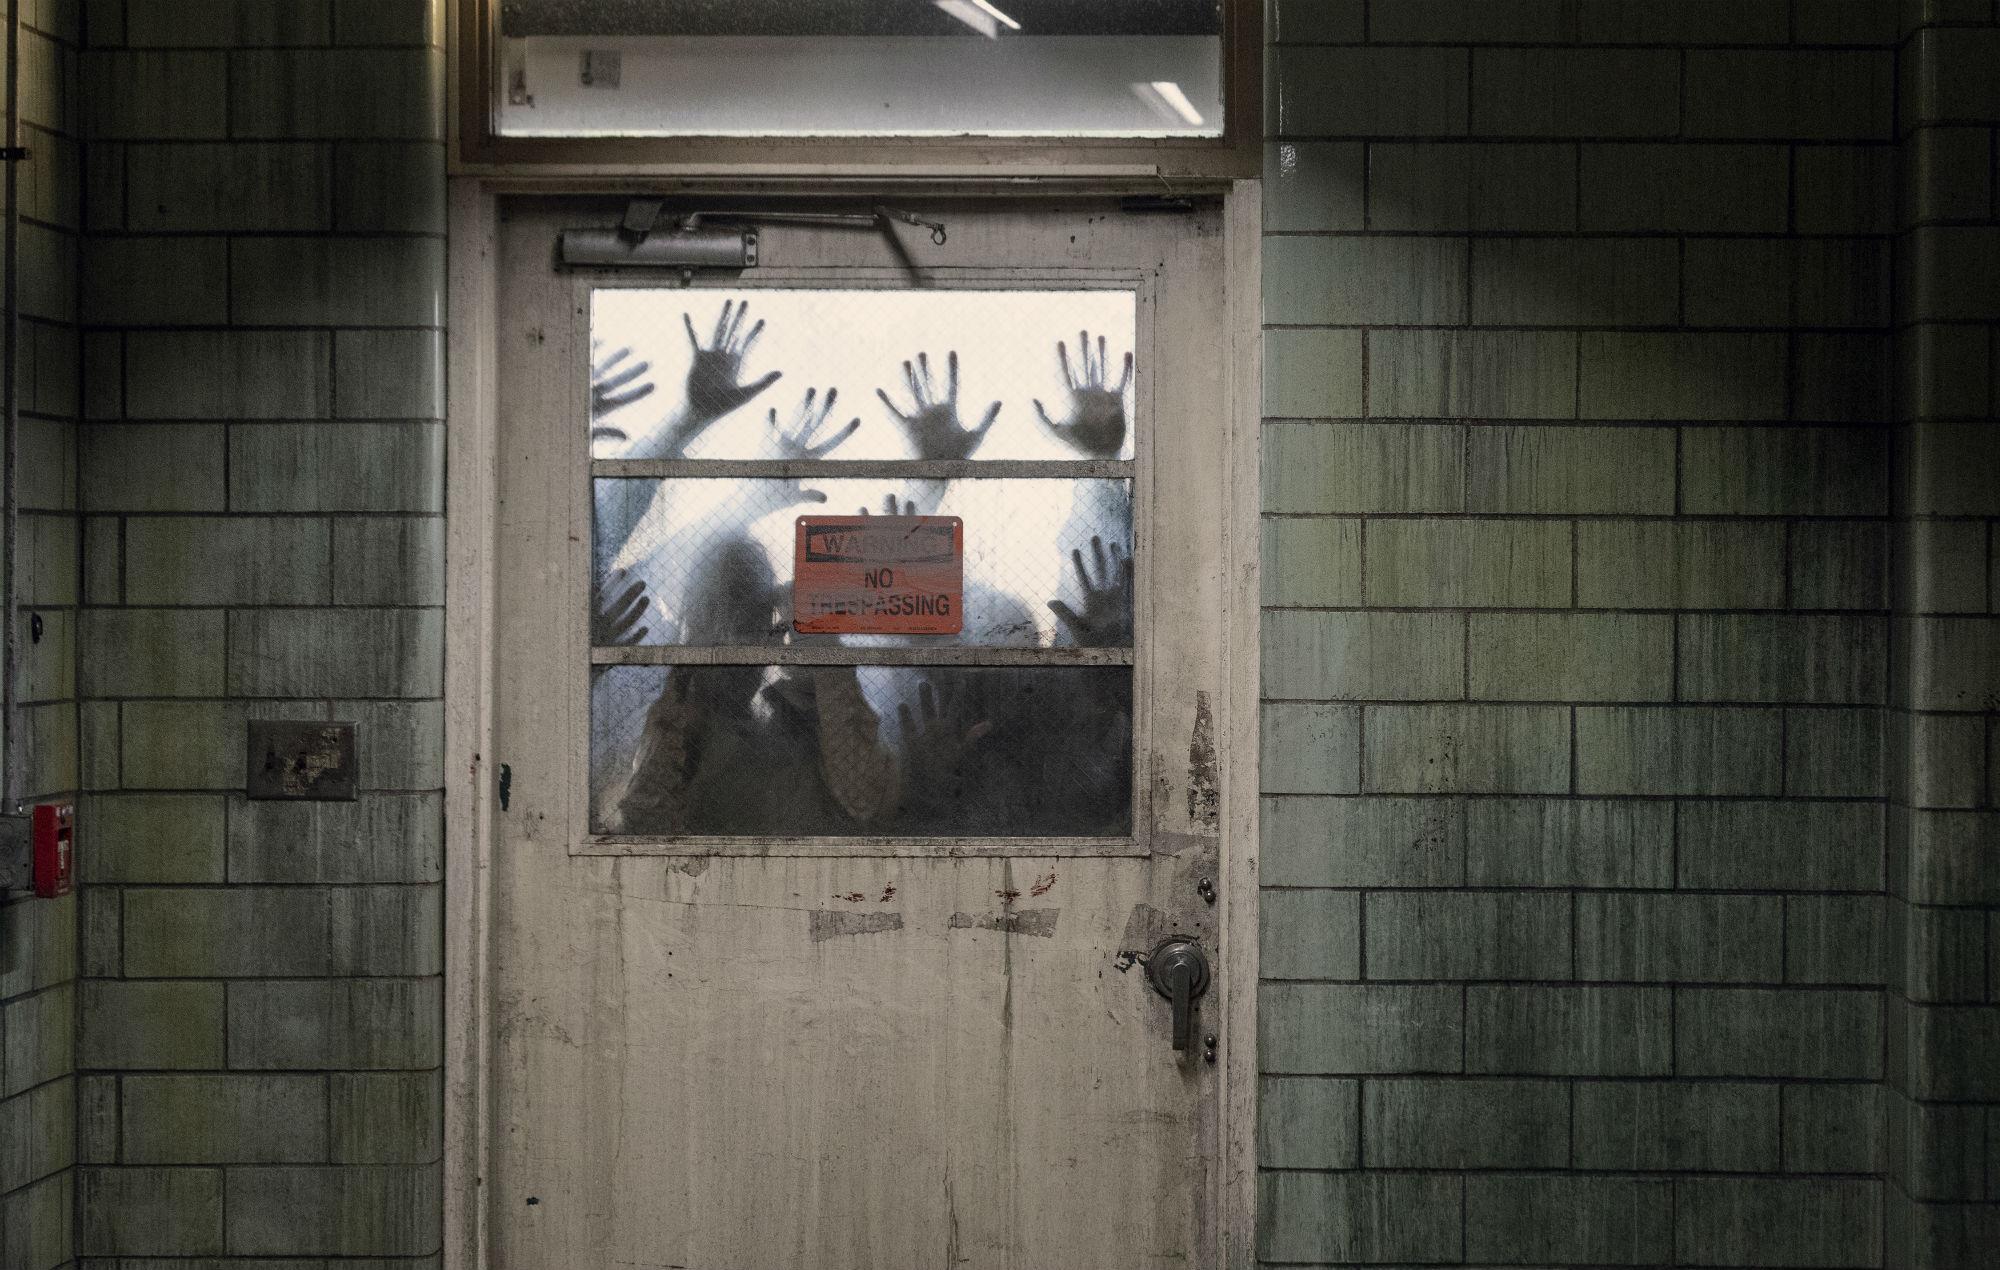 The Walking Dead - A Certain Doom